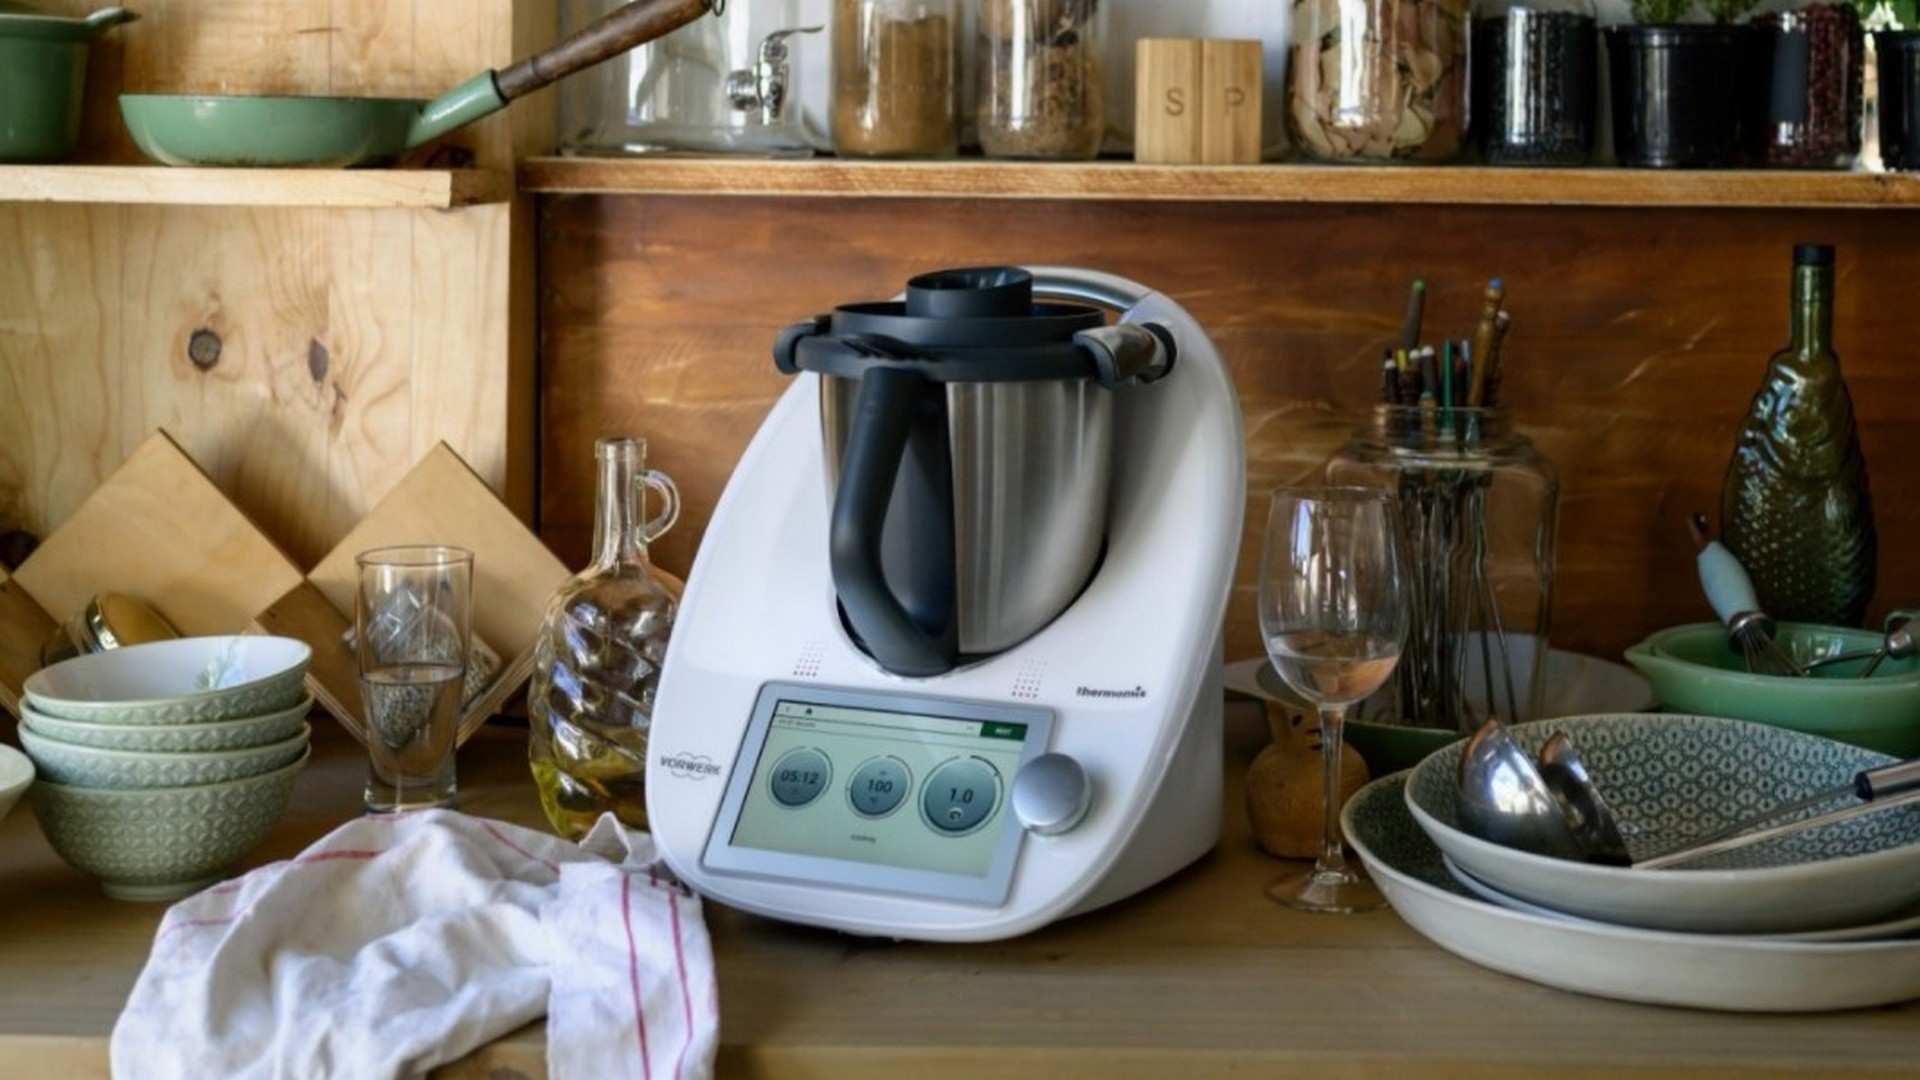 Thermomix gana la batalla a Monsieur Cuisine, el robot de cocina de Lidl